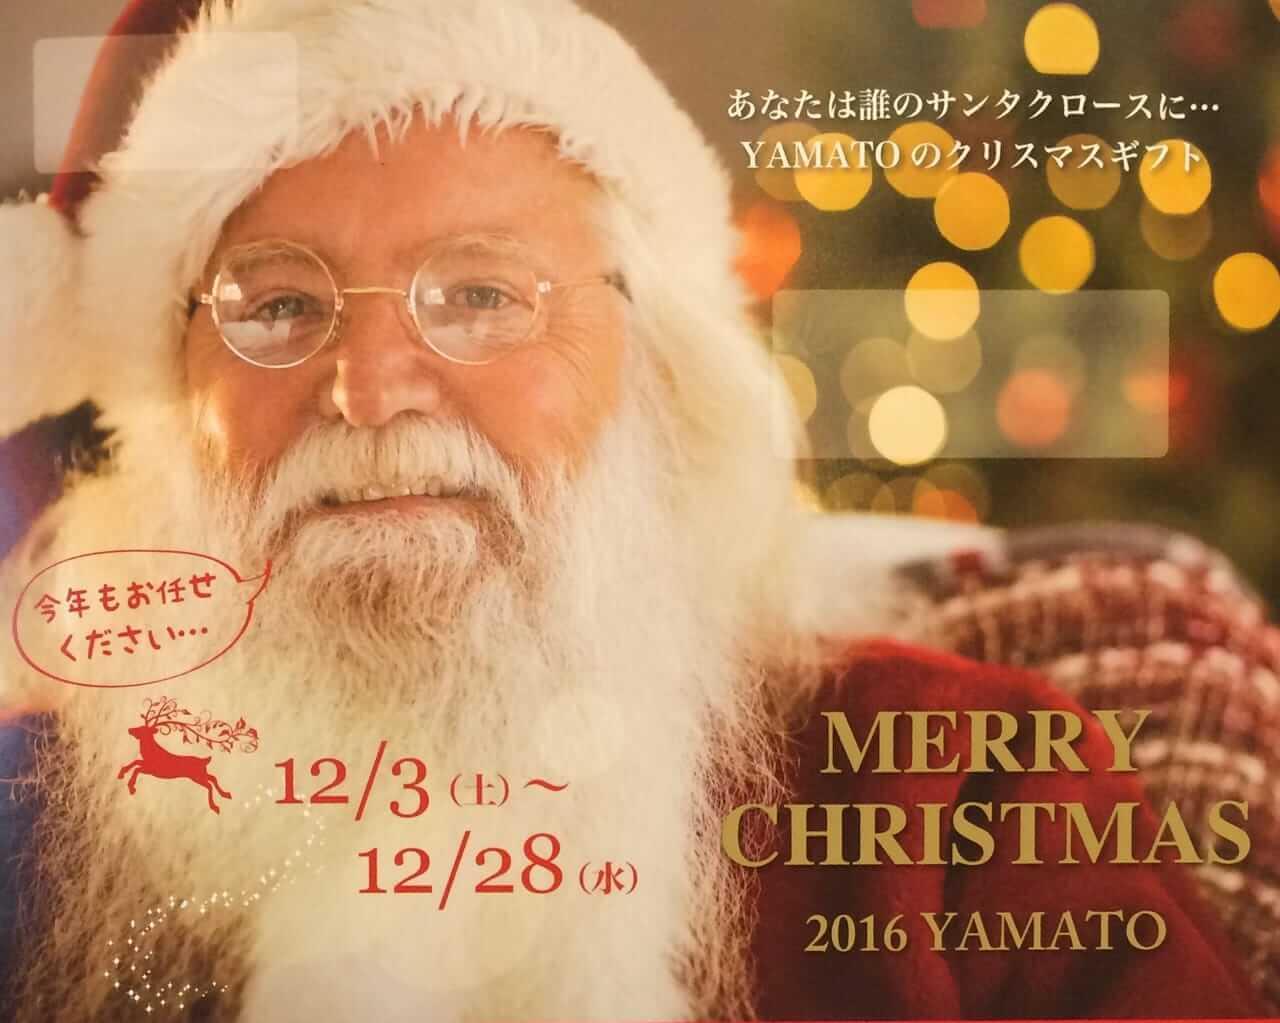 みなさんのメリークリスマス 2016